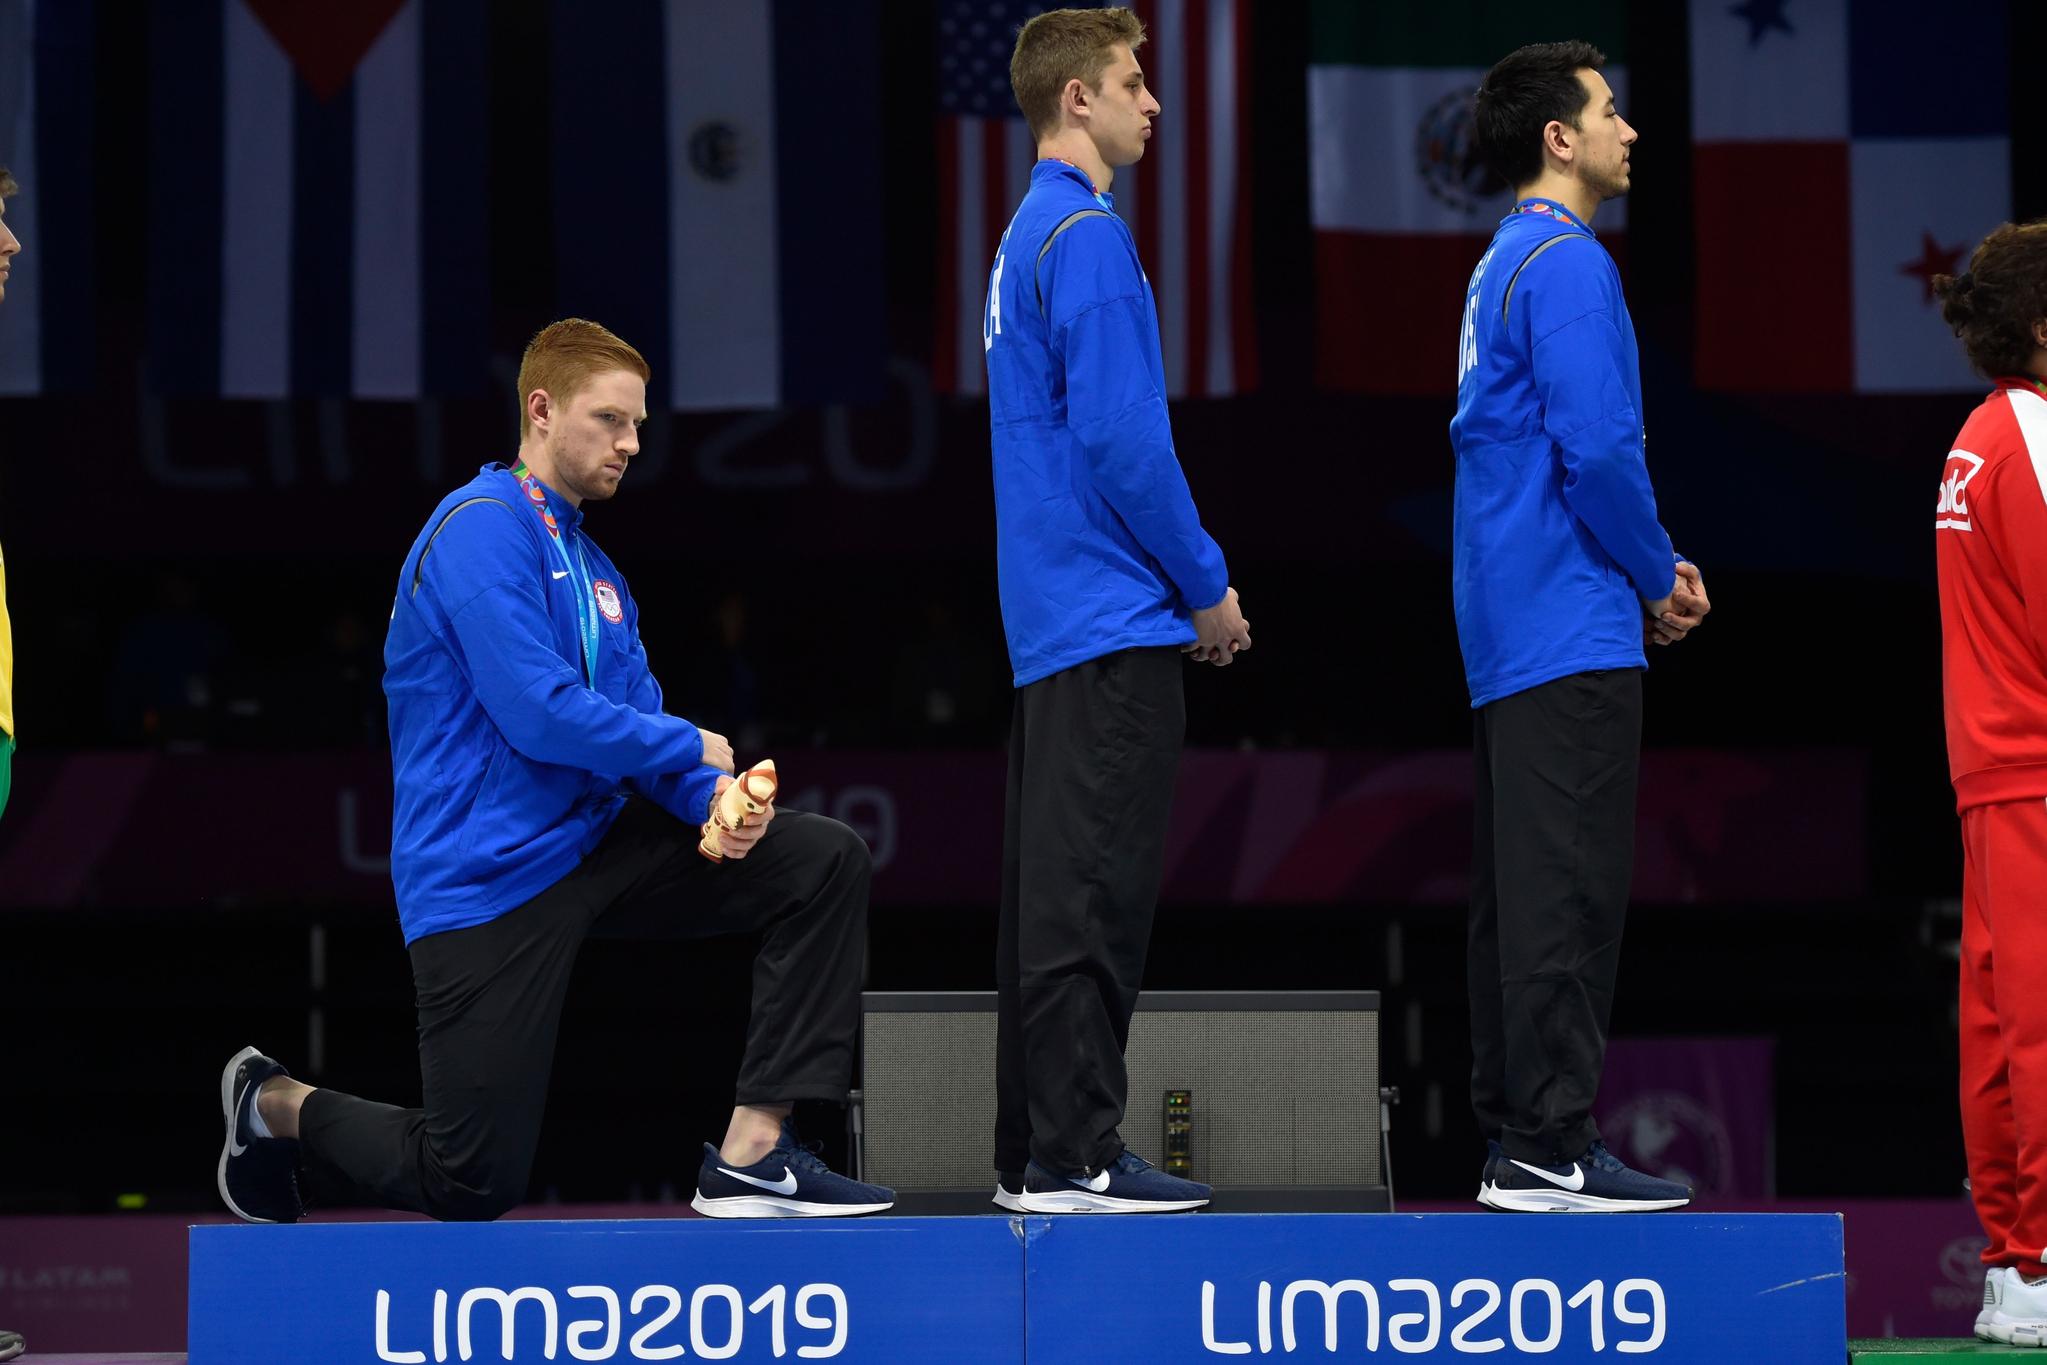 지난해 8월 팬아메리칸 게임에서 미국 펜싱선수 레이스 임보든이 시상대에서 무릎을 꿇었다. [AFP=연합뉴스]